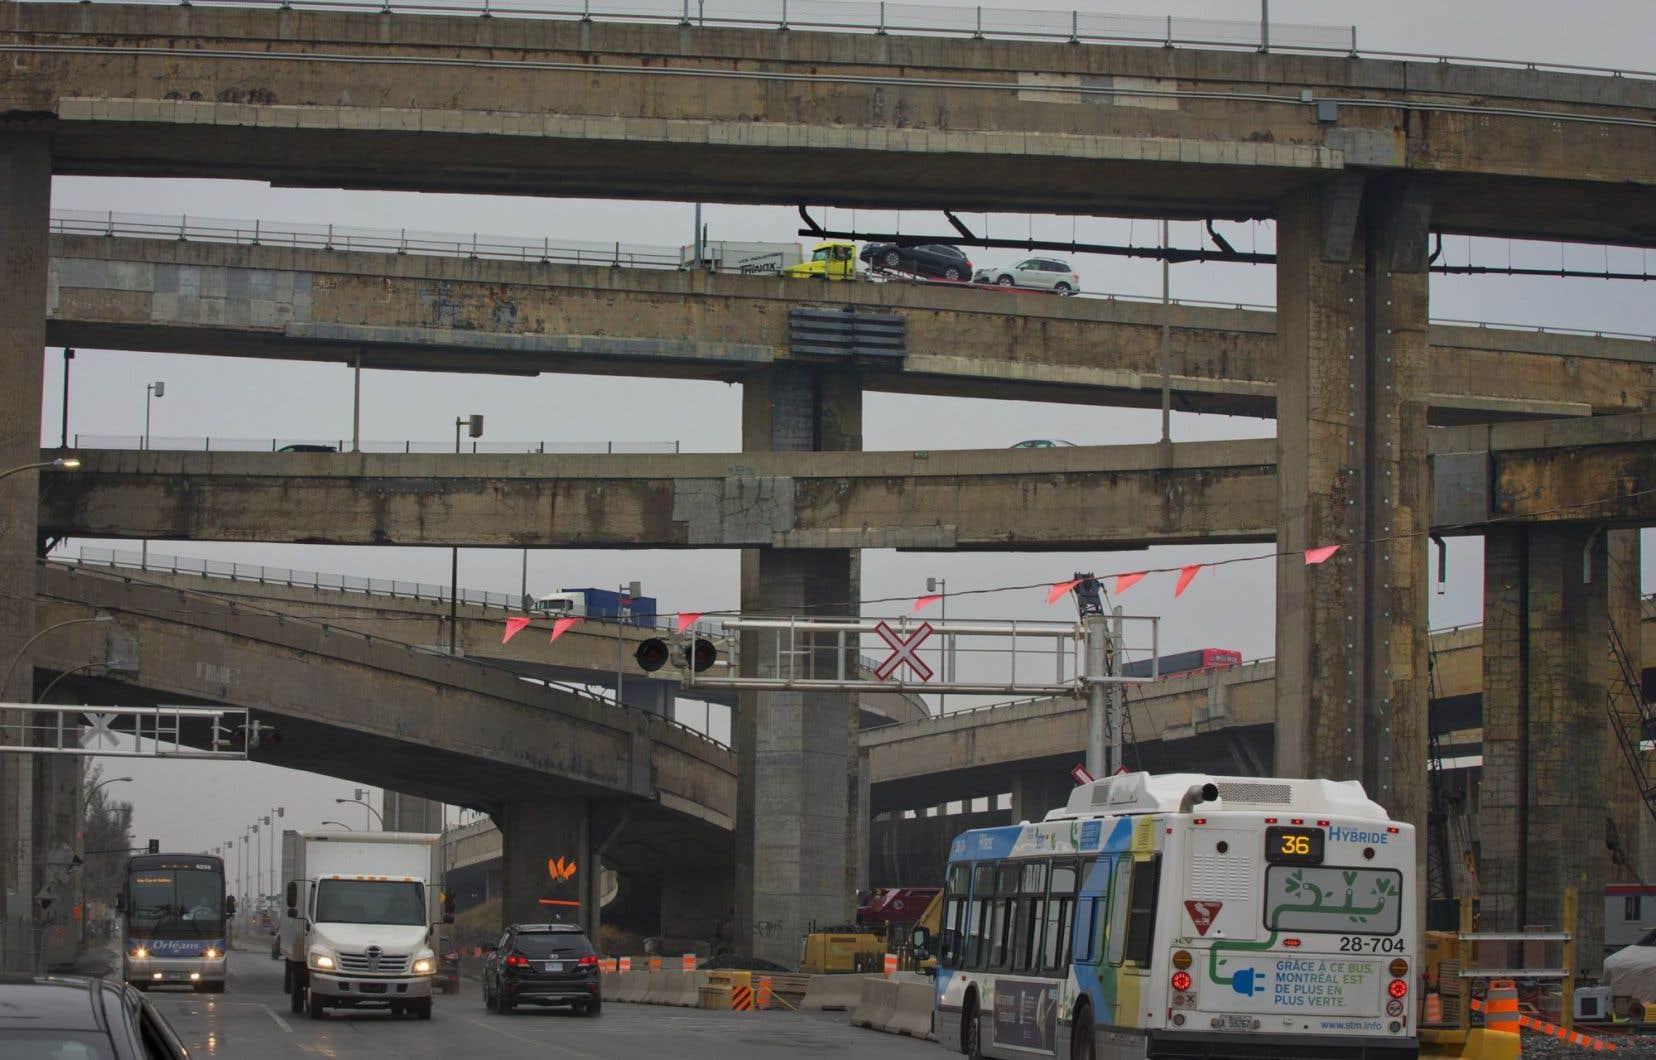 Selon le président de l'UMQ et maire de Sherbrooke, Bernard Sévigny, près de 60 % des infrastructures publiques sont sous la responsabilité des municipalités.